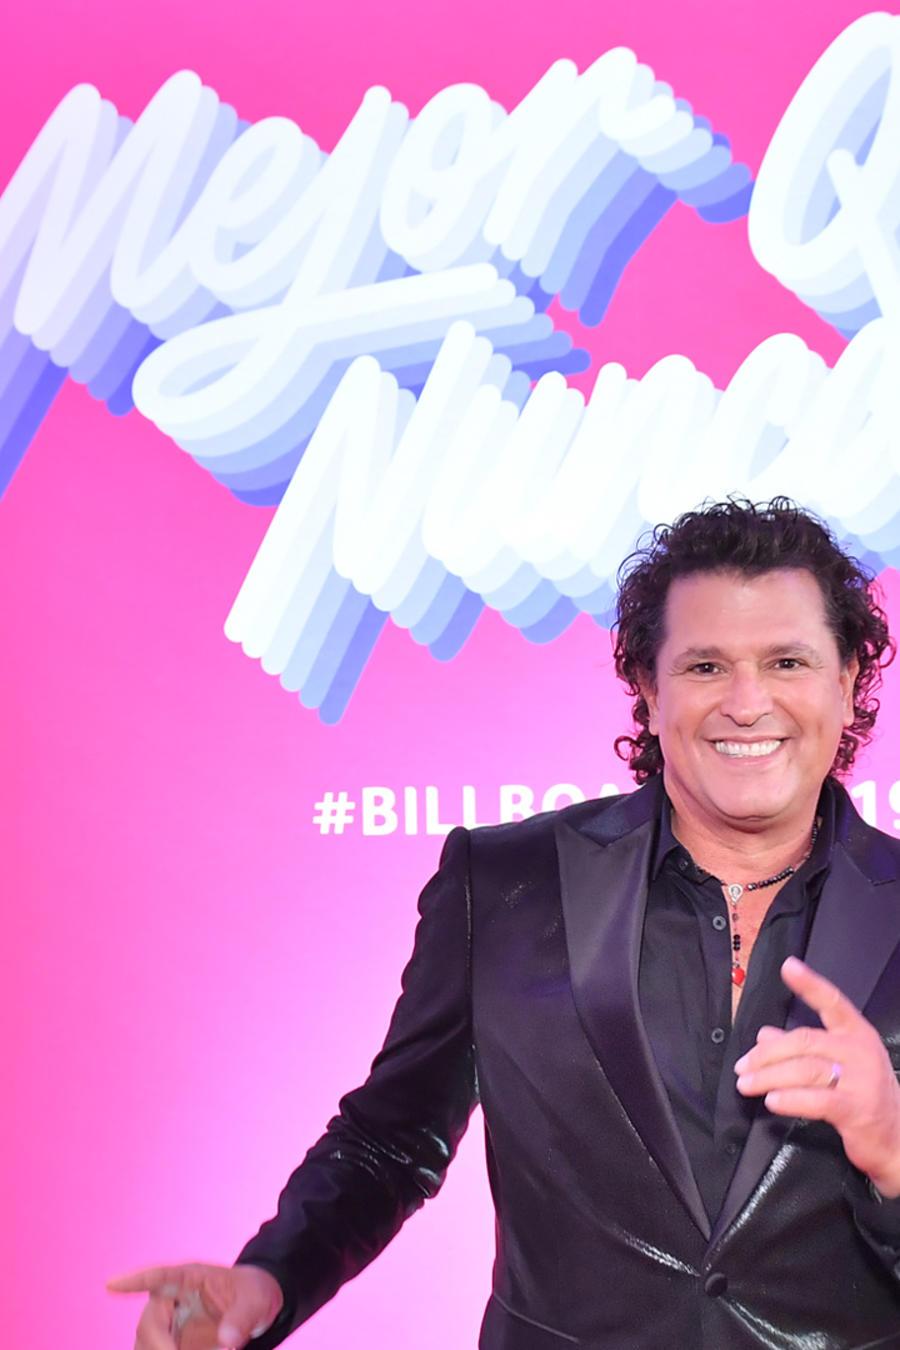 Carlos Vives en la alfombra roja de los Premios Billboard 2019